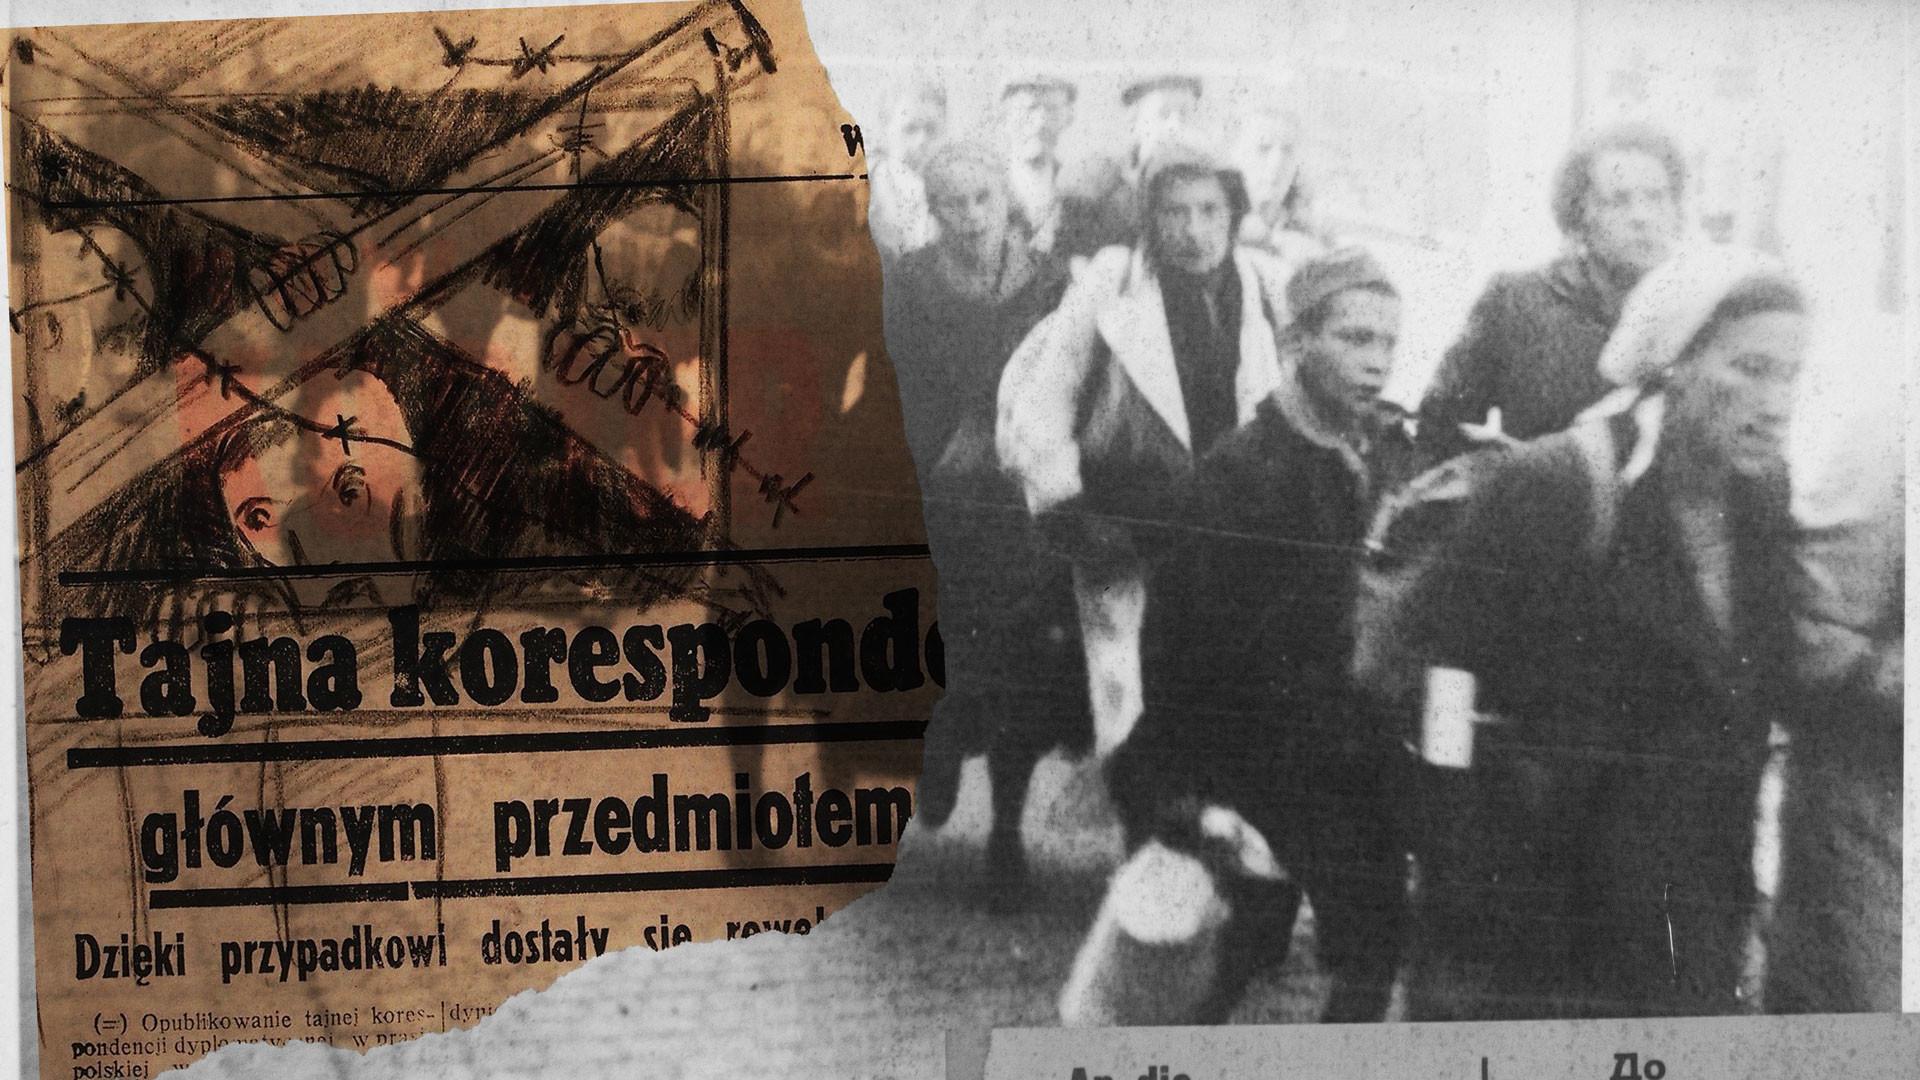 Коллаж © L!FE. Первая депортация из Кракова. Фото: © flickr/damian entwistle © sobiborinterviews.nl